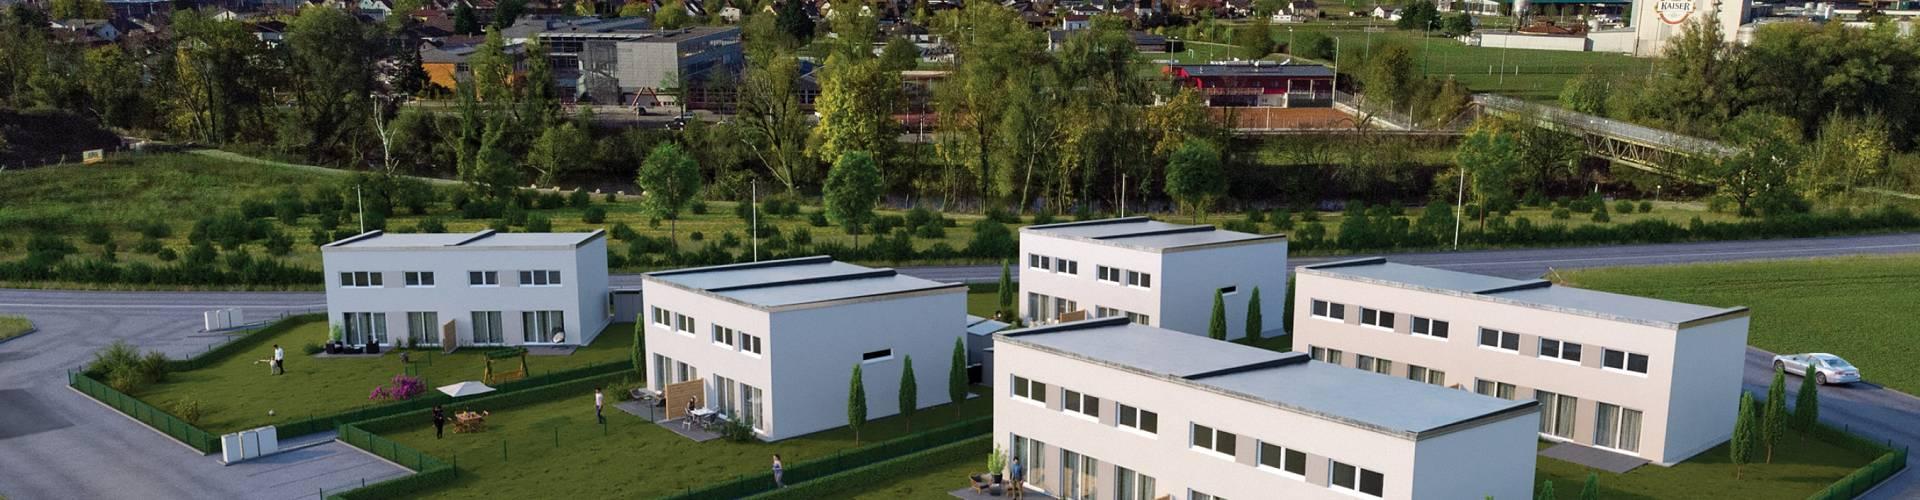 Doppelhaushälften am Brunnfeld